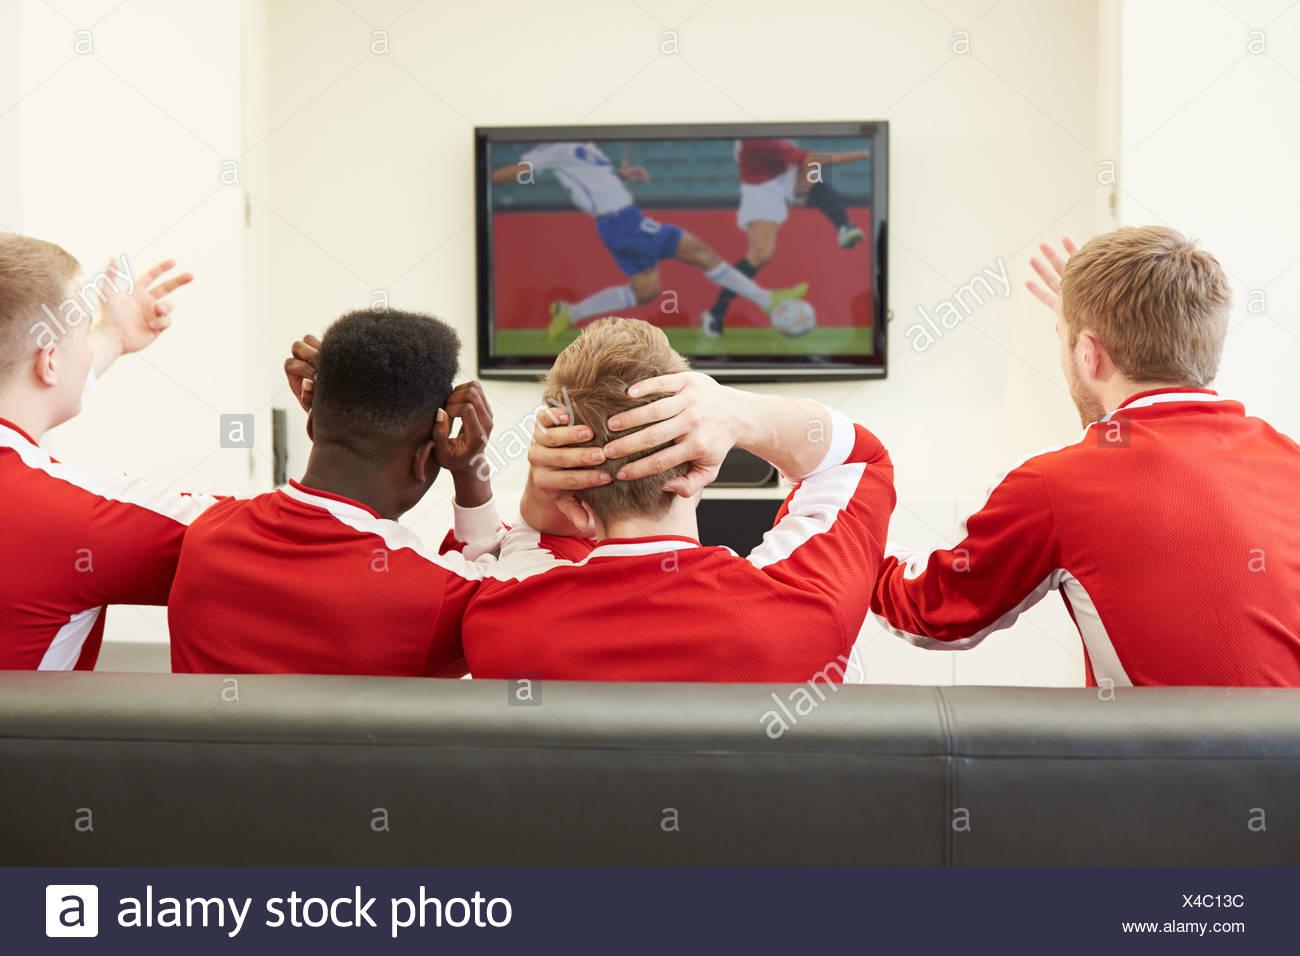 Grupo de aficionados al deporte viendo juego en TV en casa Imagen De Stock